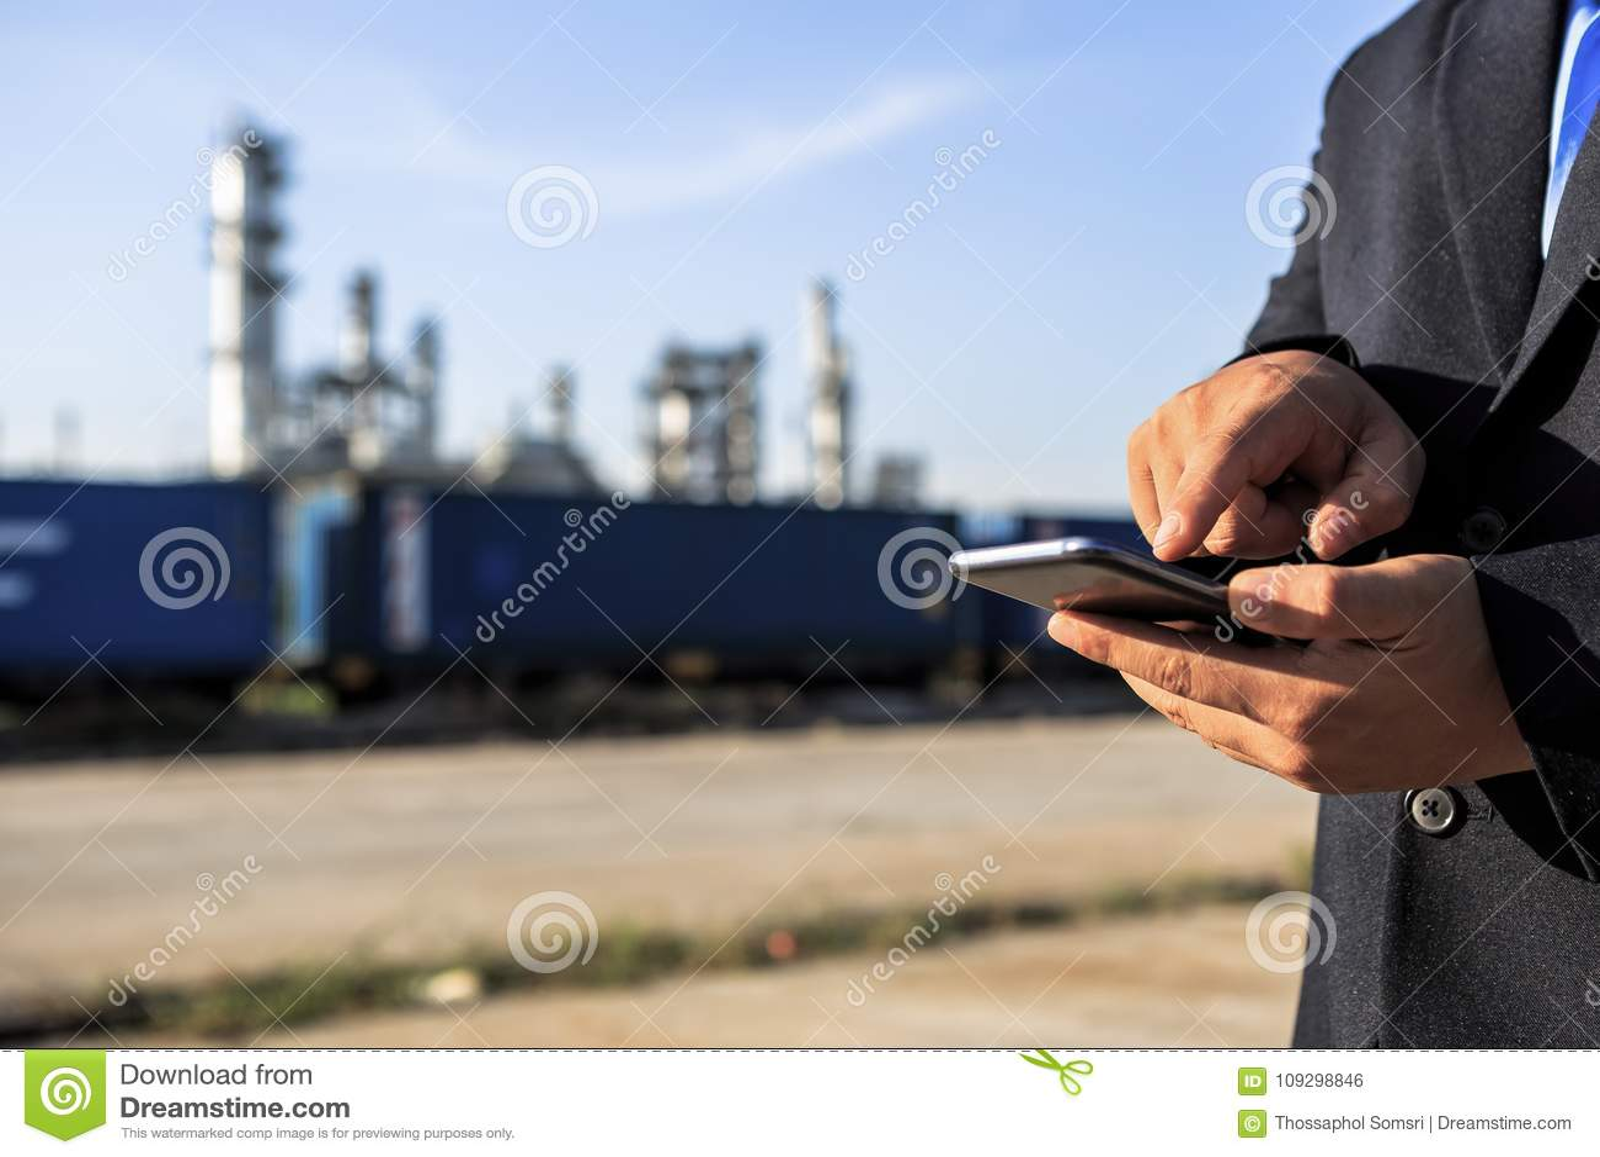 Homme d affaires vérifiant autour de l usine de raffinerie de pétrole avec le ciel clair